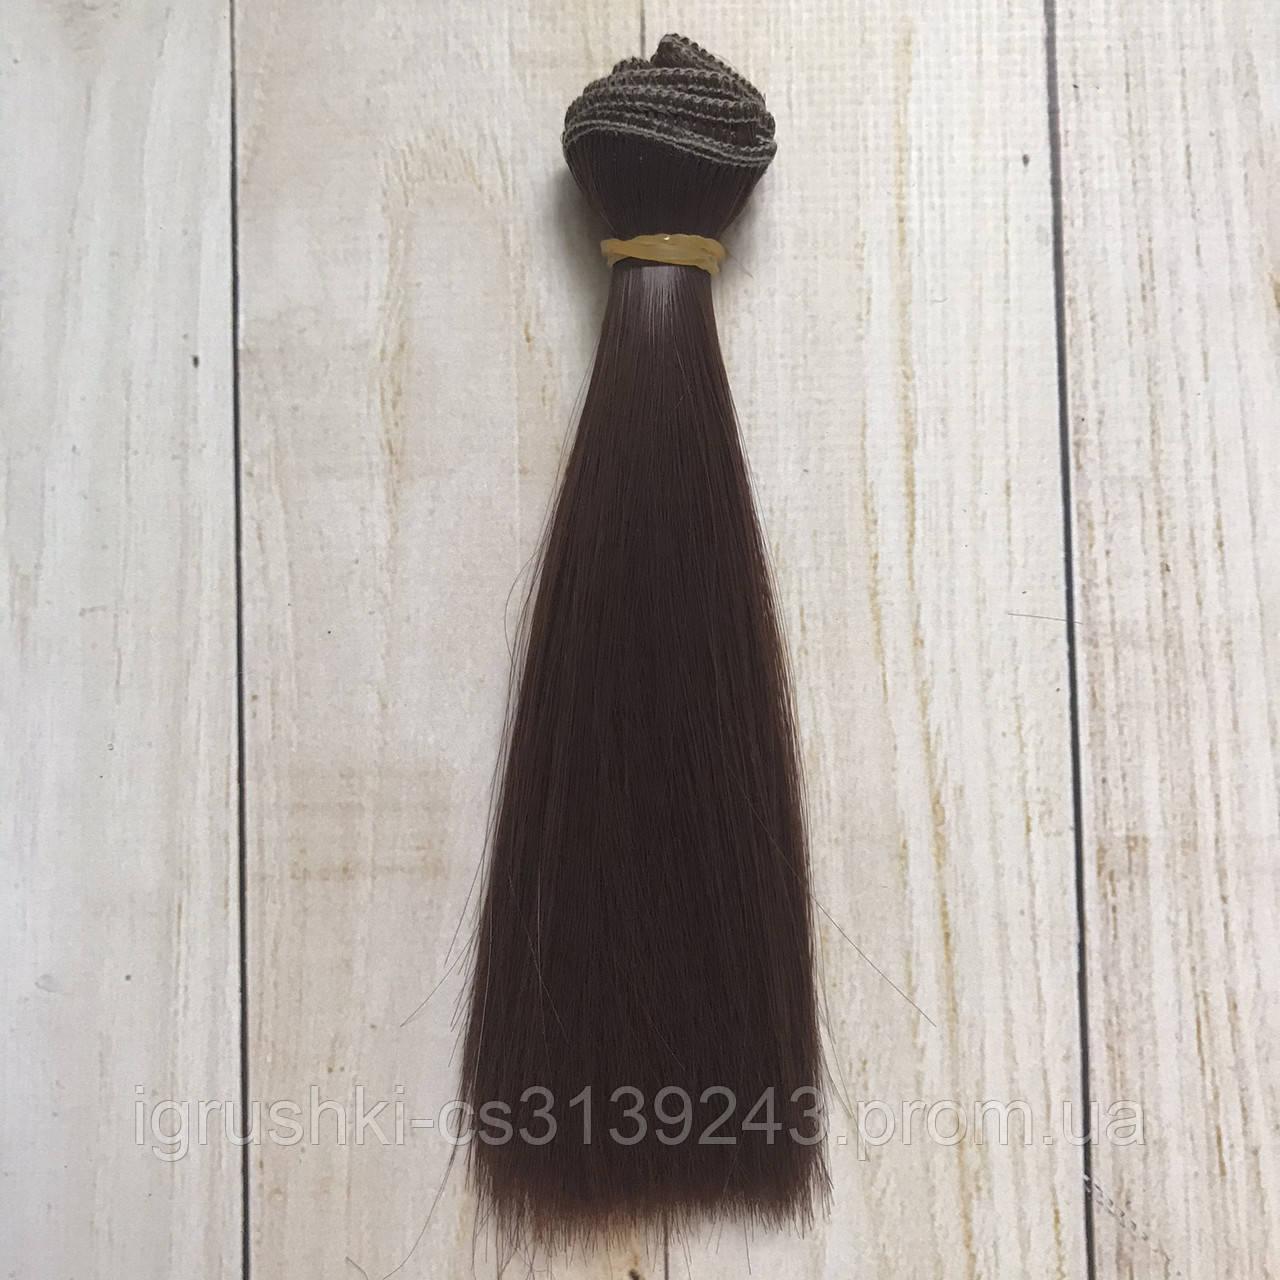 Волосся для ляльок (тресс) 15 * 100 см Колір 46